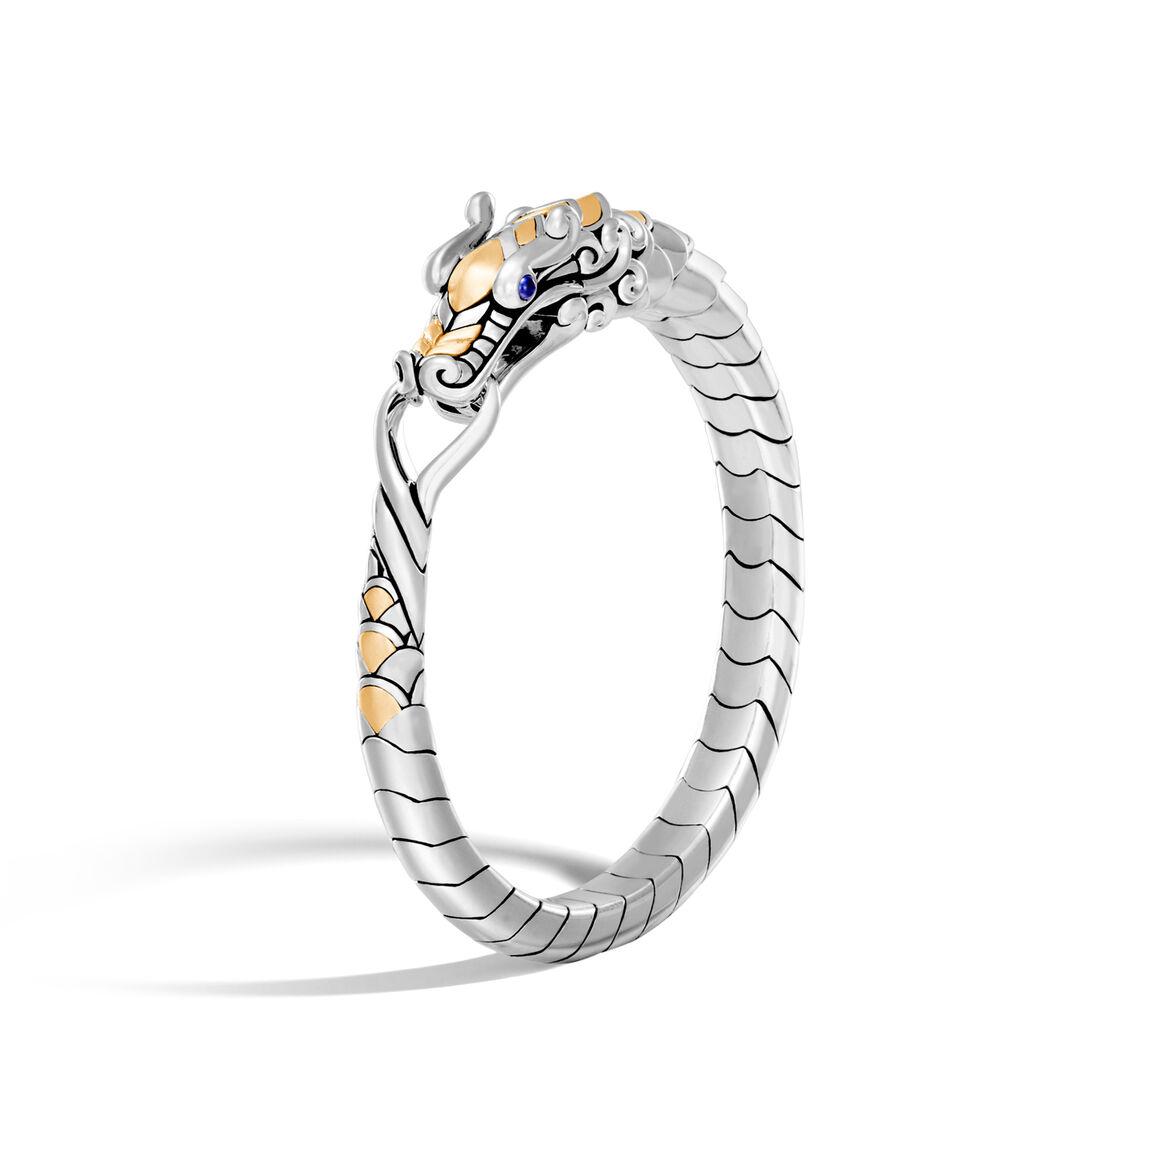 Legends Naga Bracelet in Silver and 18K Gold